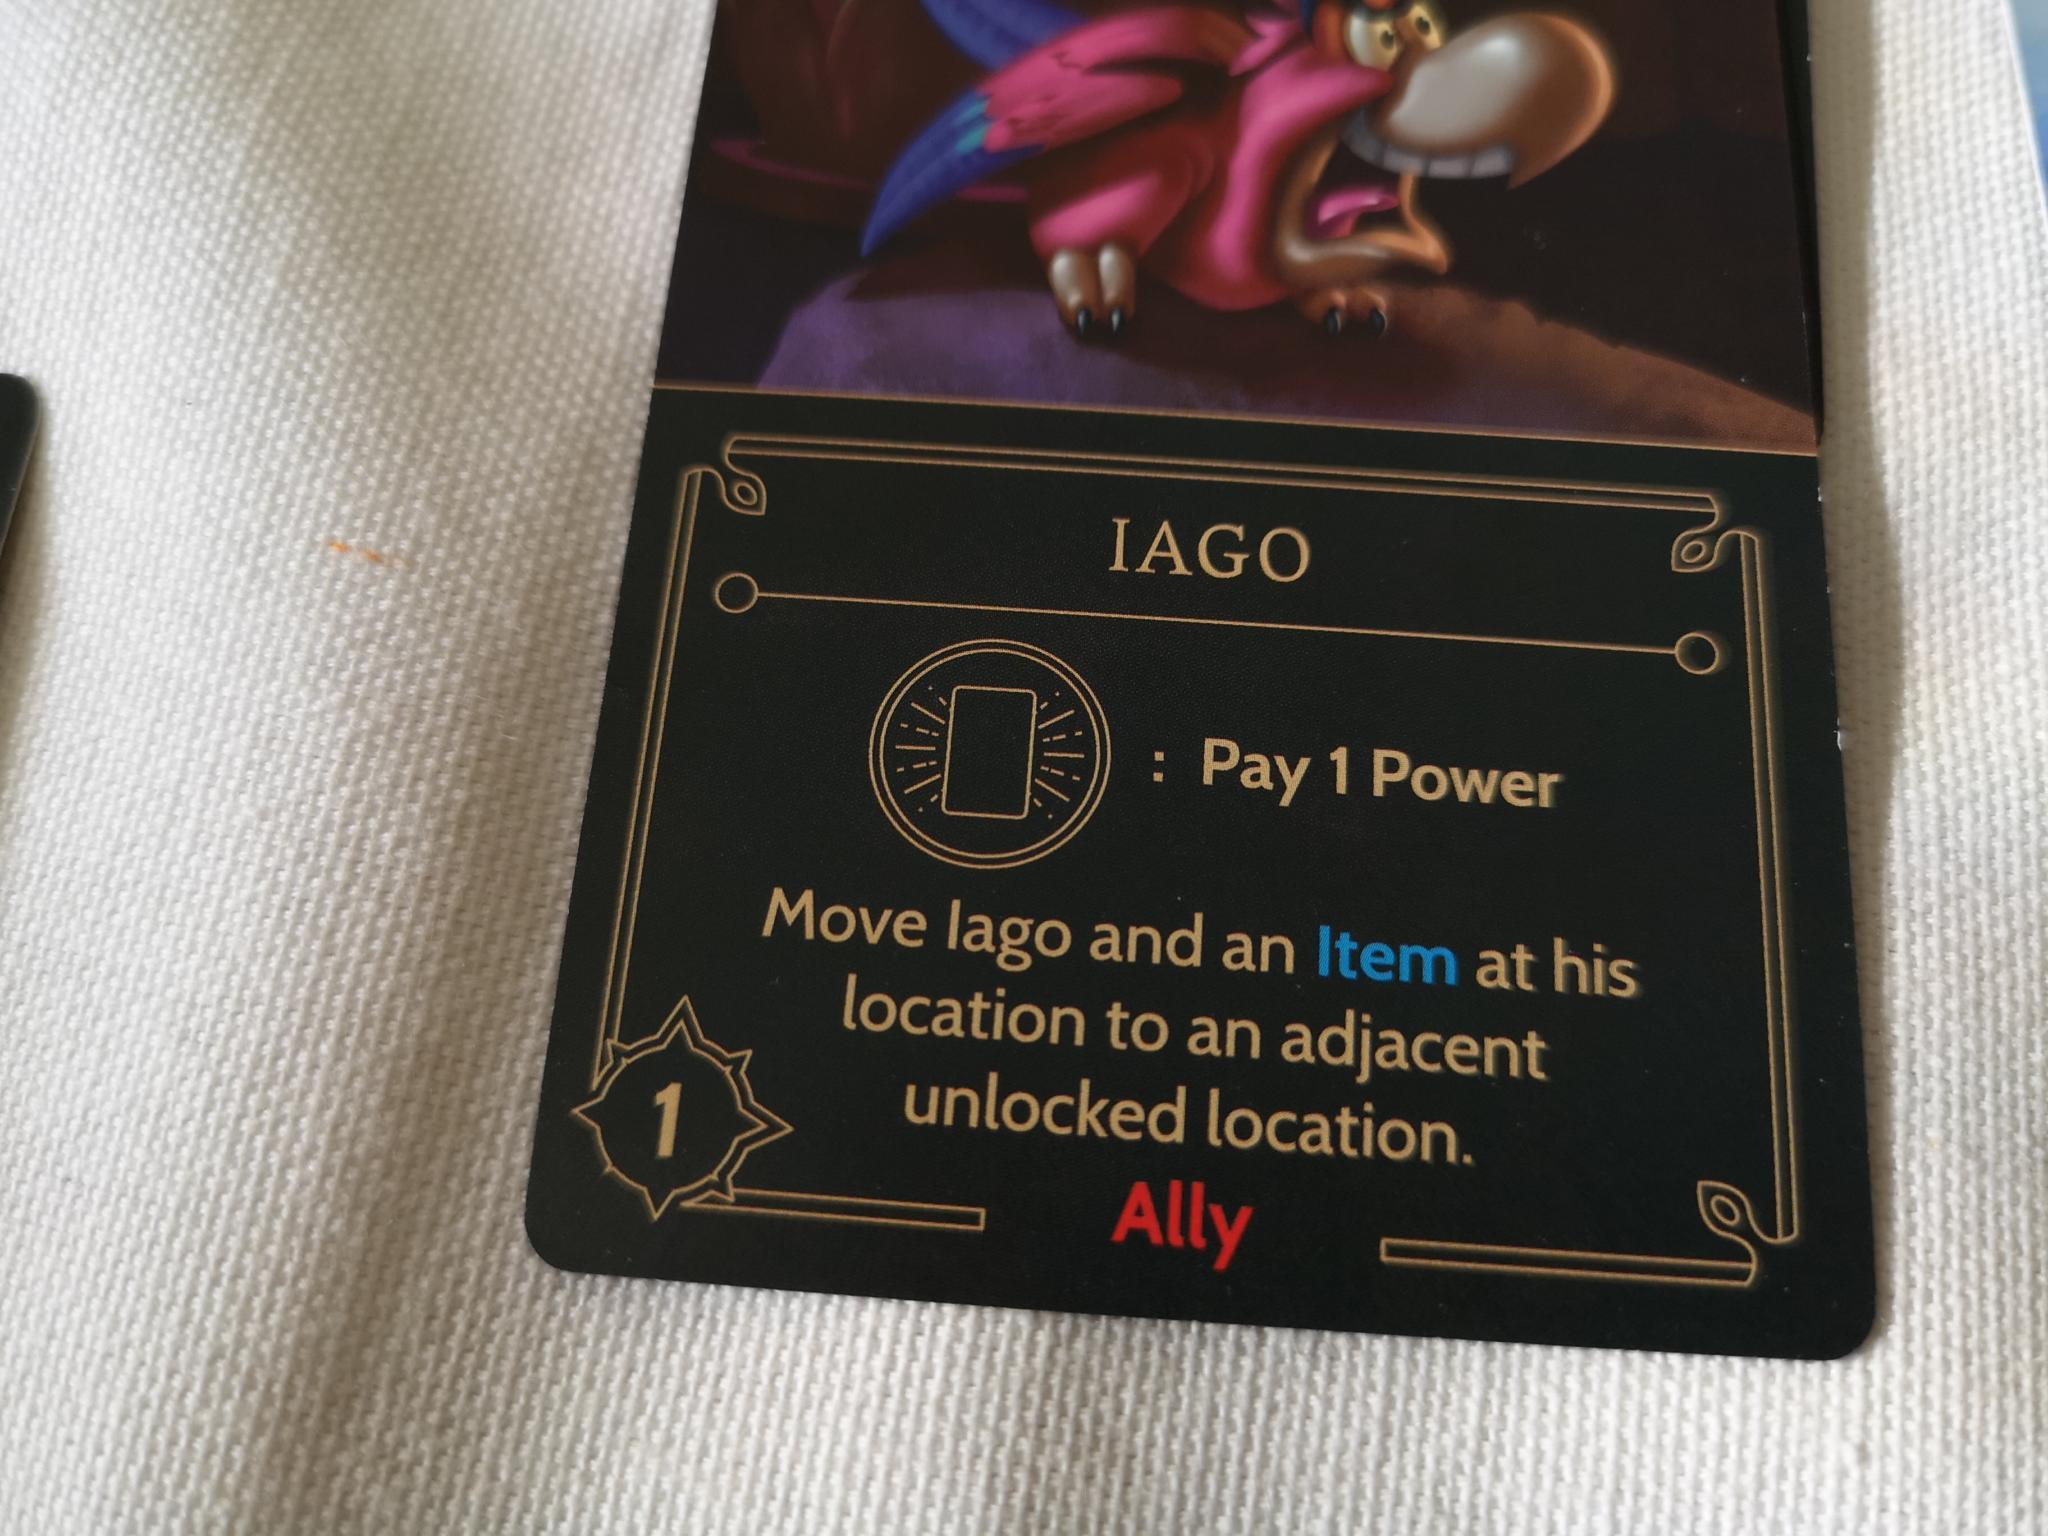 Iago card